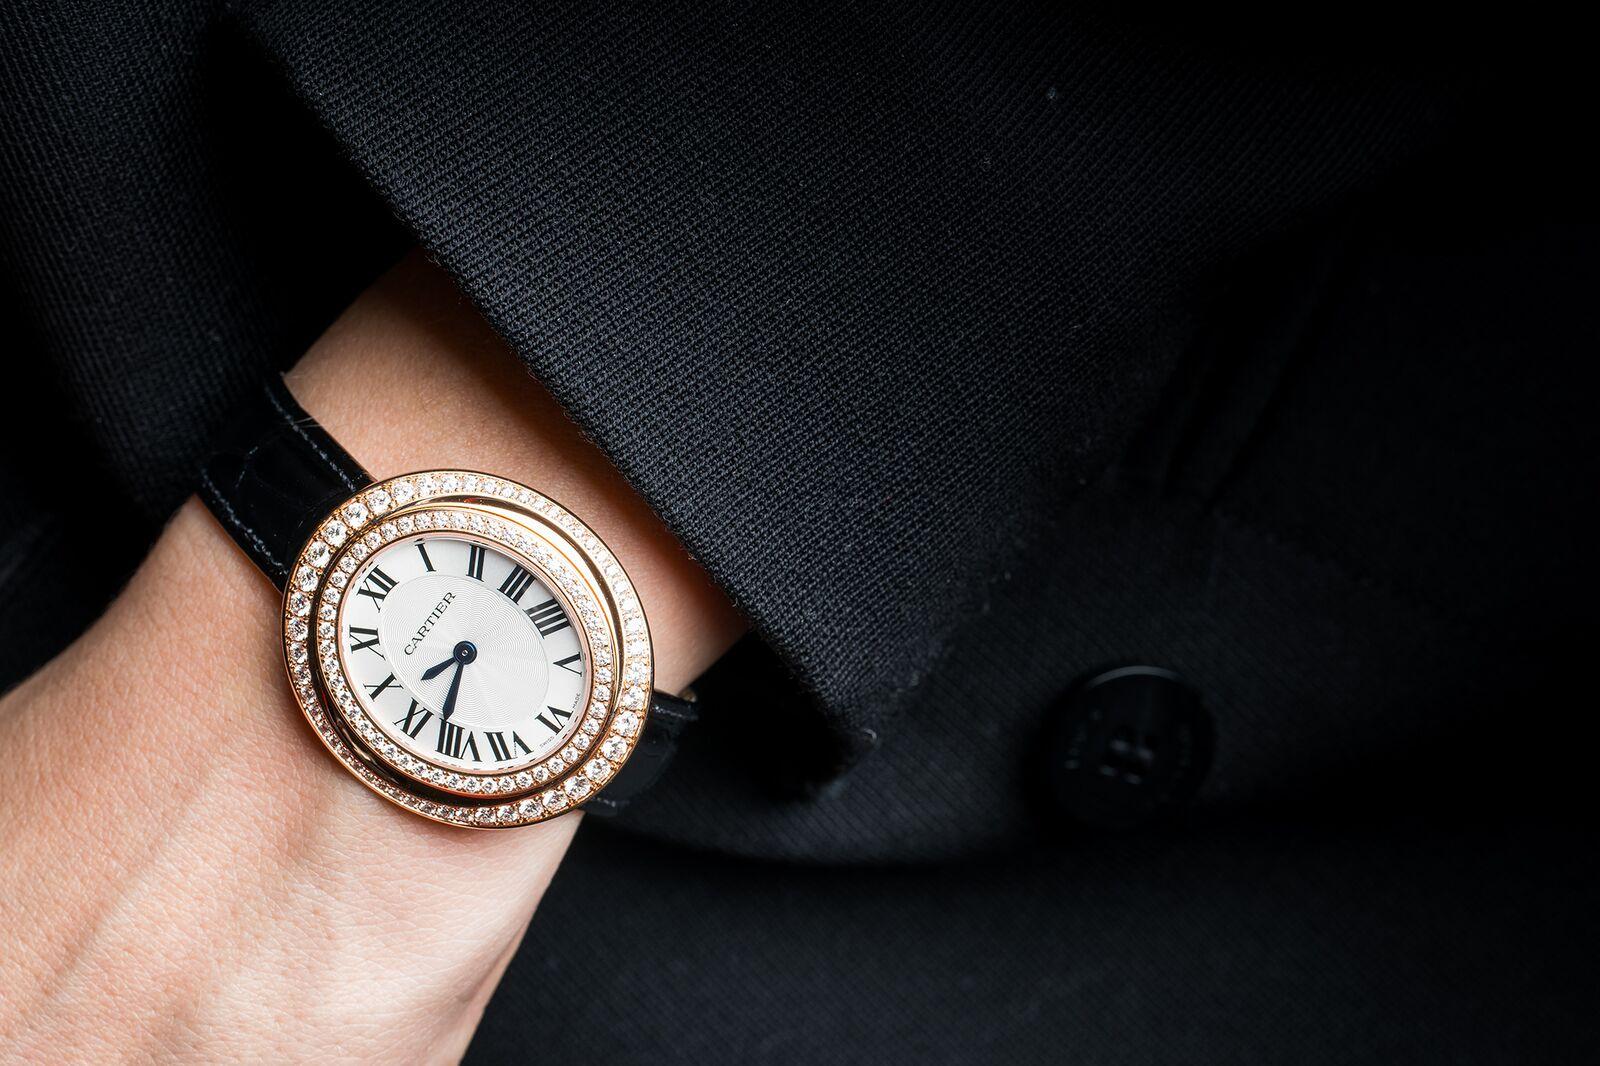 Gợi ý 4 mẫu đồng hồ đẳng cấp dành cho quý cô thành đạt